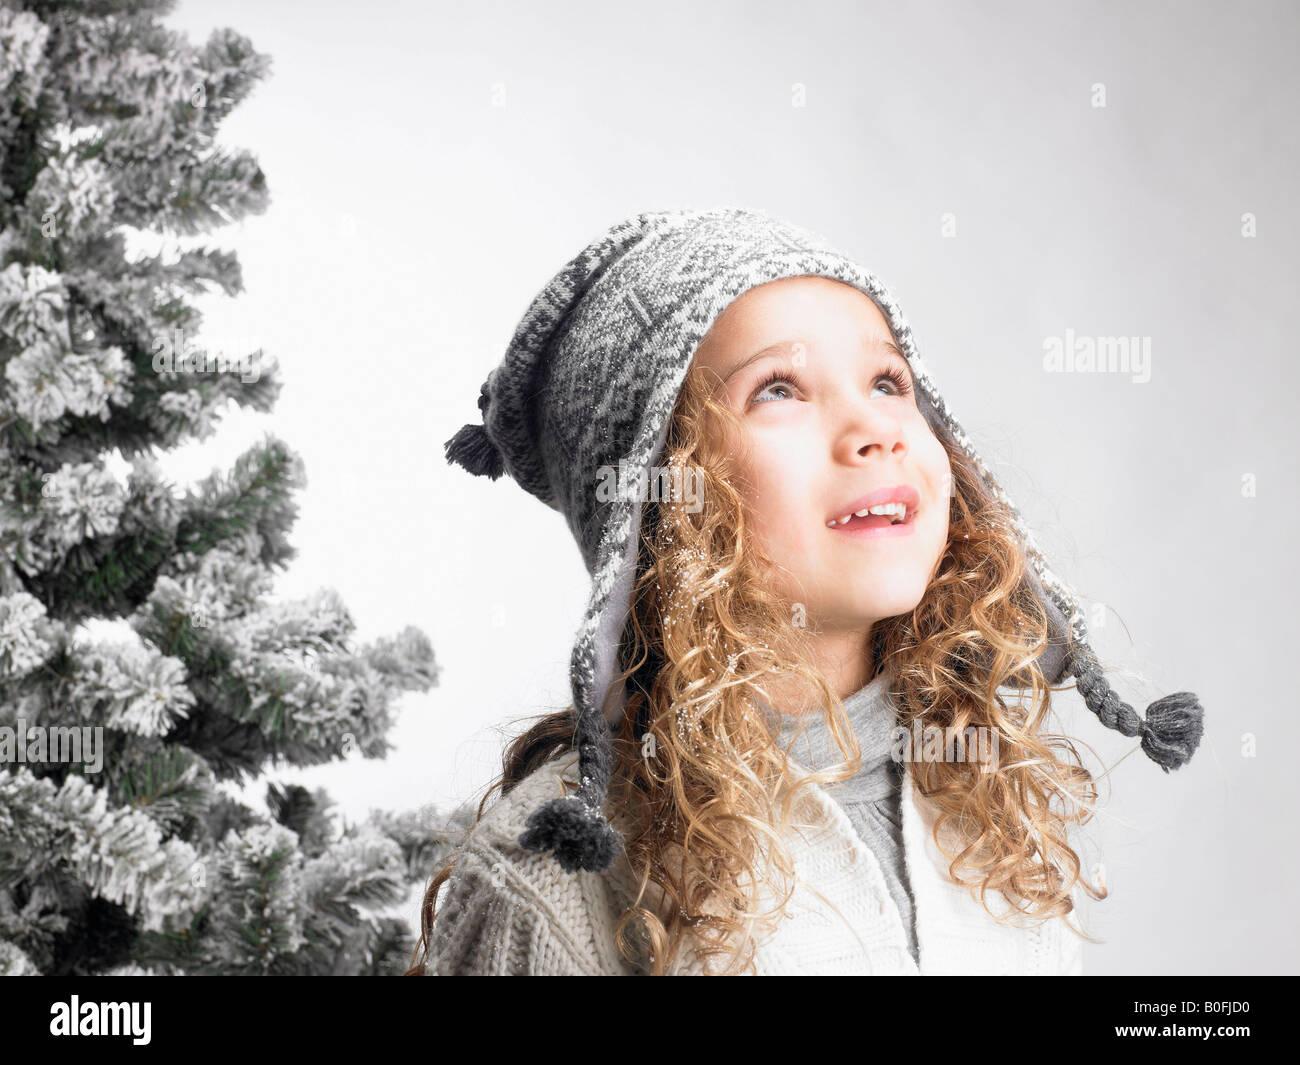 Little girl next to a fir-tree - Stock Image